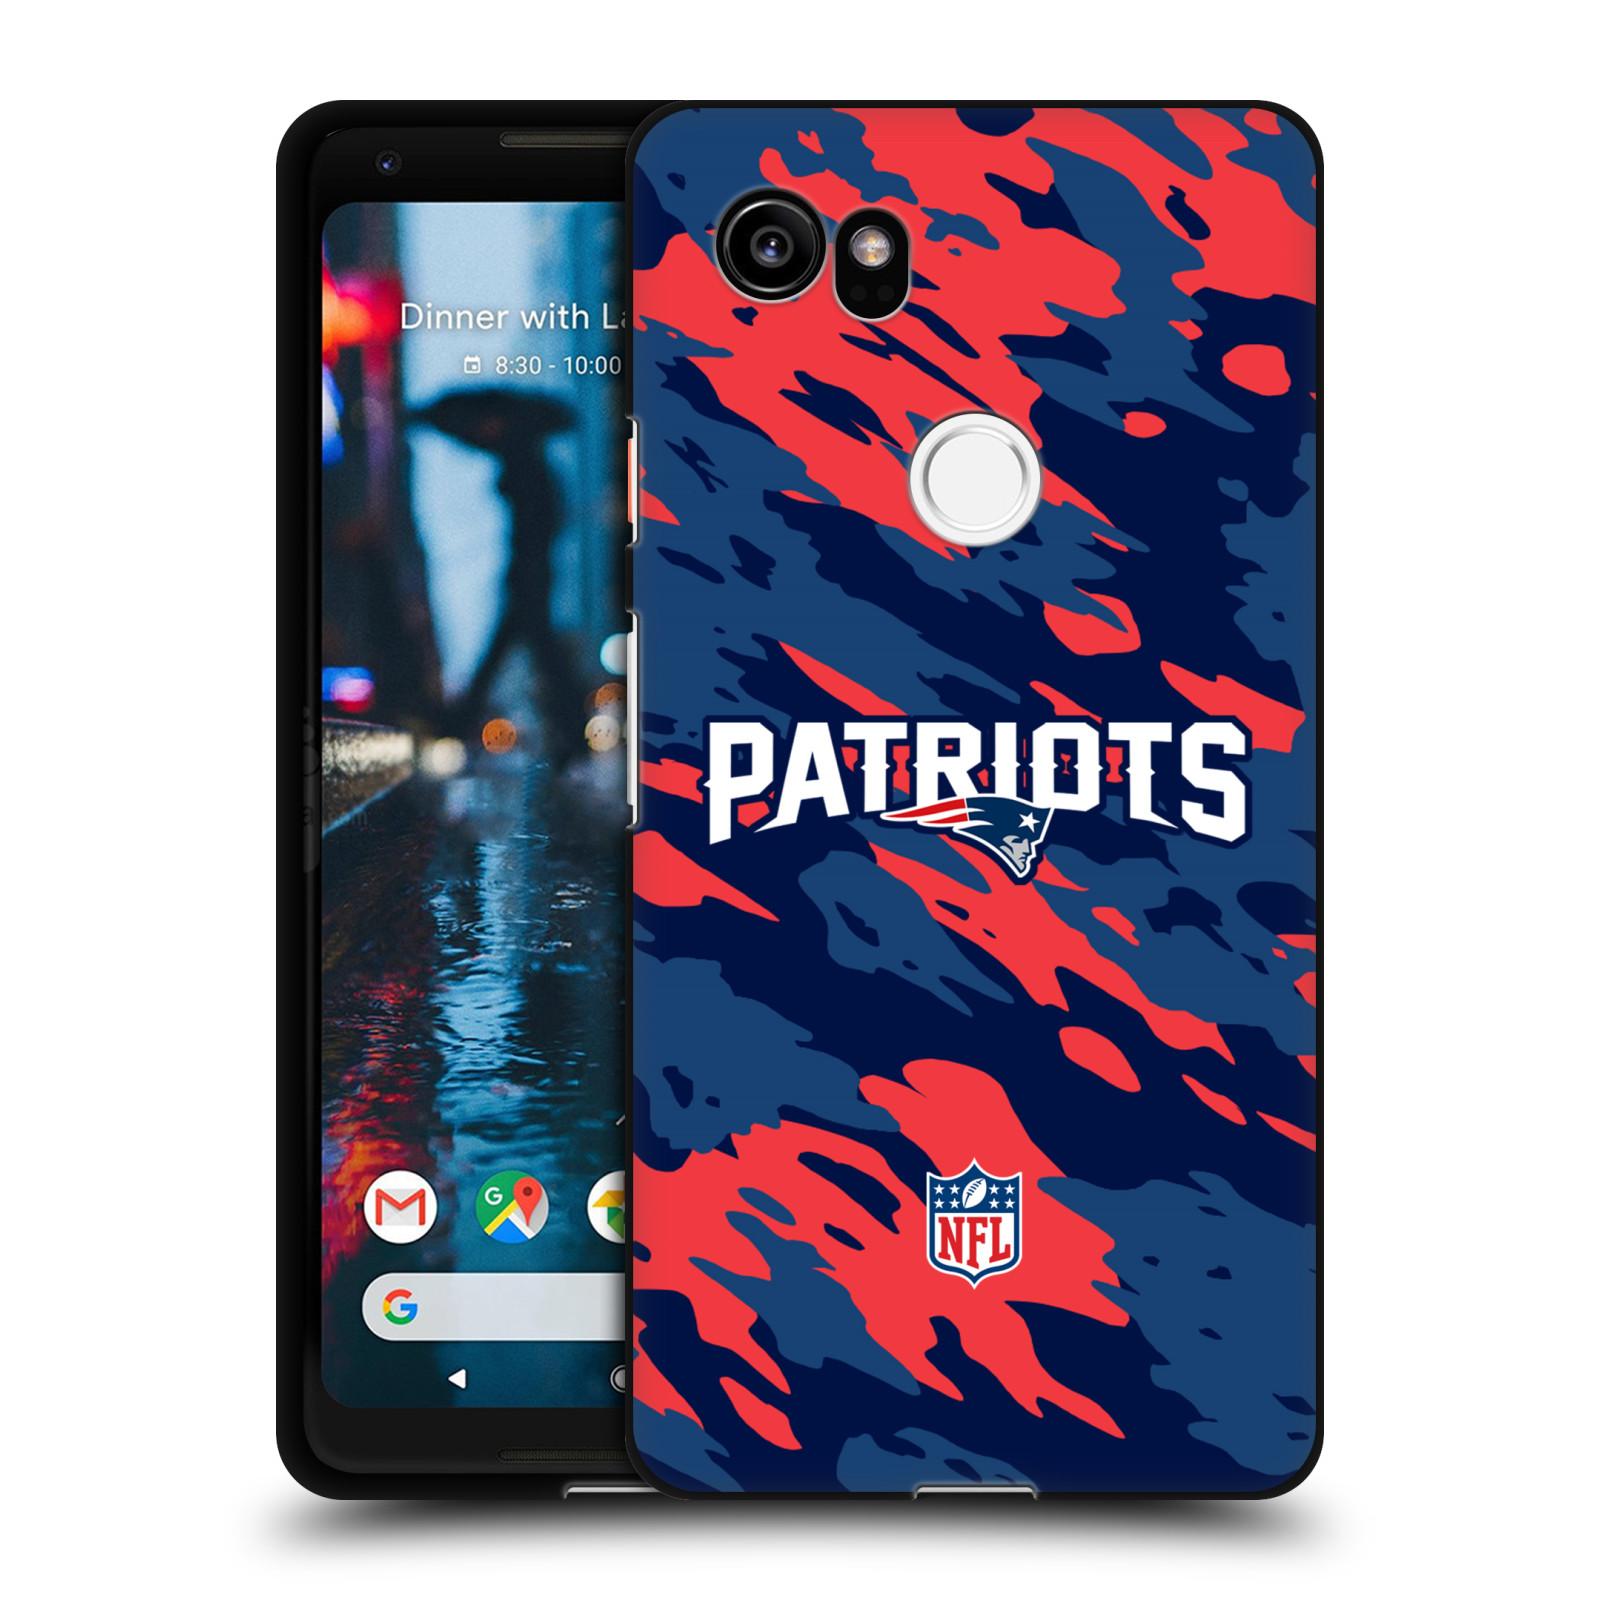 OFFICIAL-NFL-NEW-ENGLAND-PATRIOTS-LOGO-BLACK-SOFT-GEL-CASE-FOR-GOOGLE-PHONES